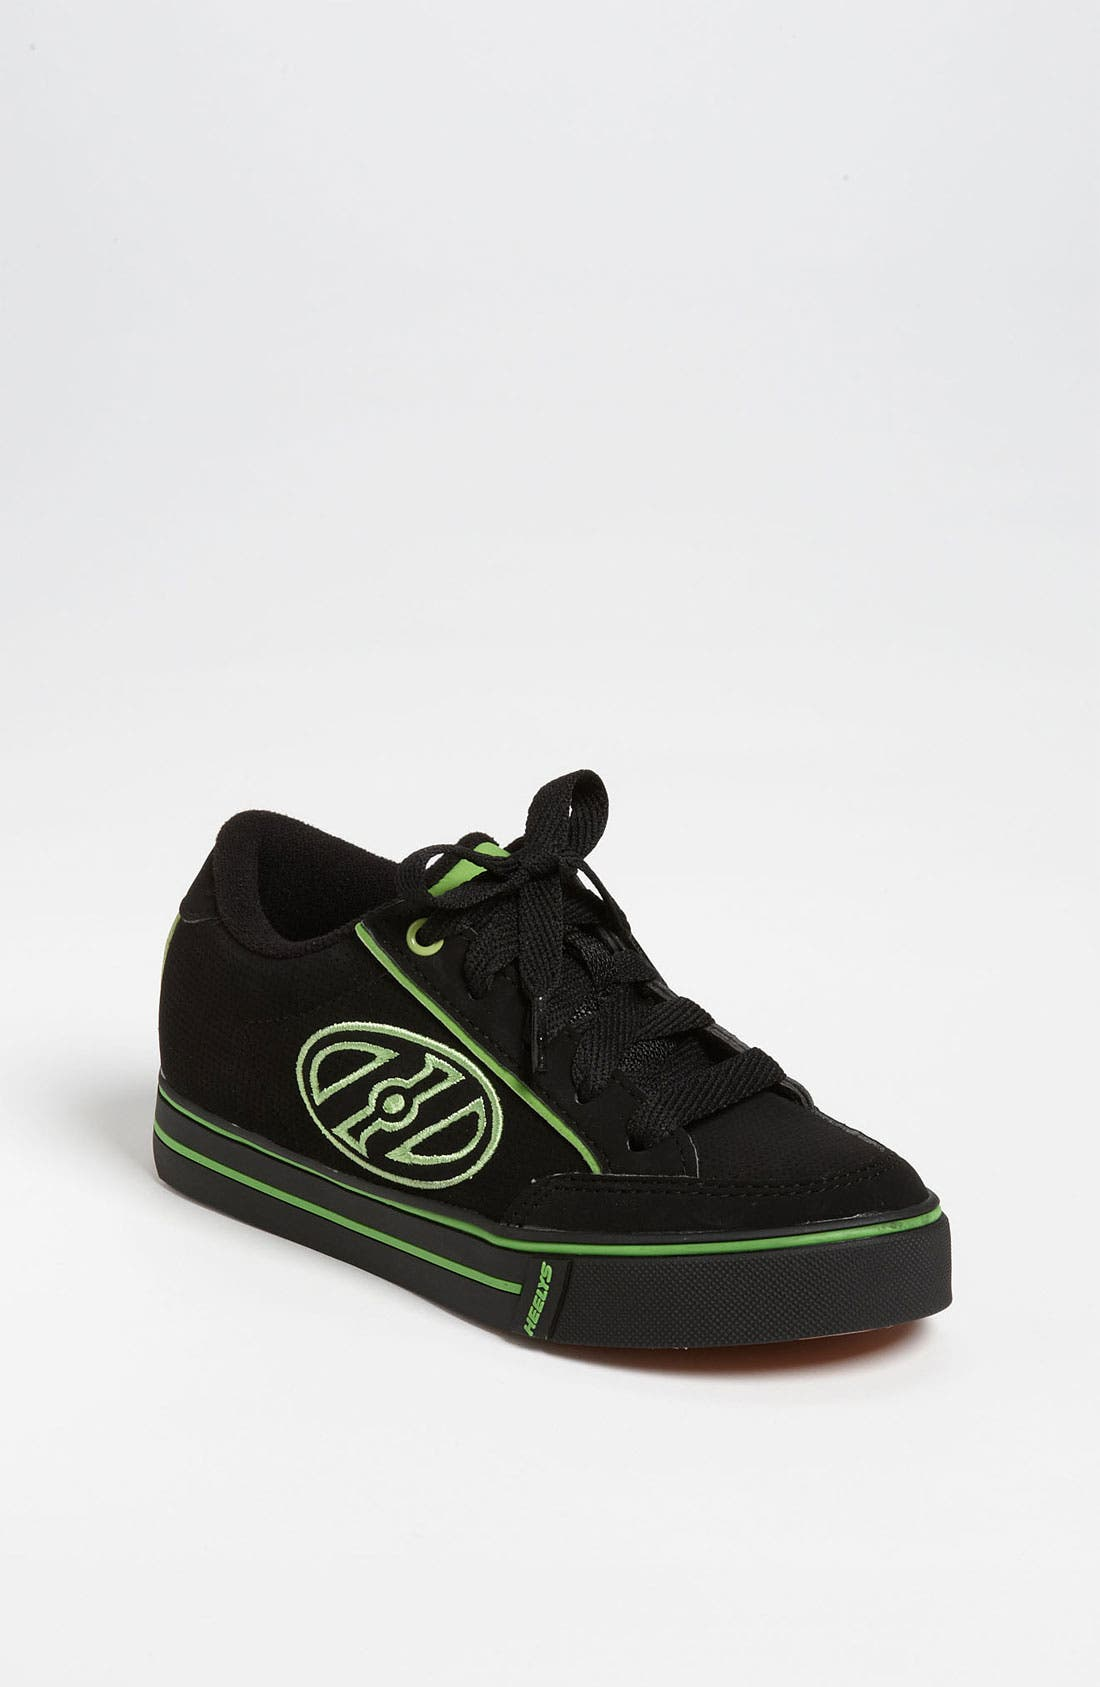 Alternate Image 1 Selected - Heelys 'Wave' Skate Shoe (Toddler, Little Kids & Big Kids)